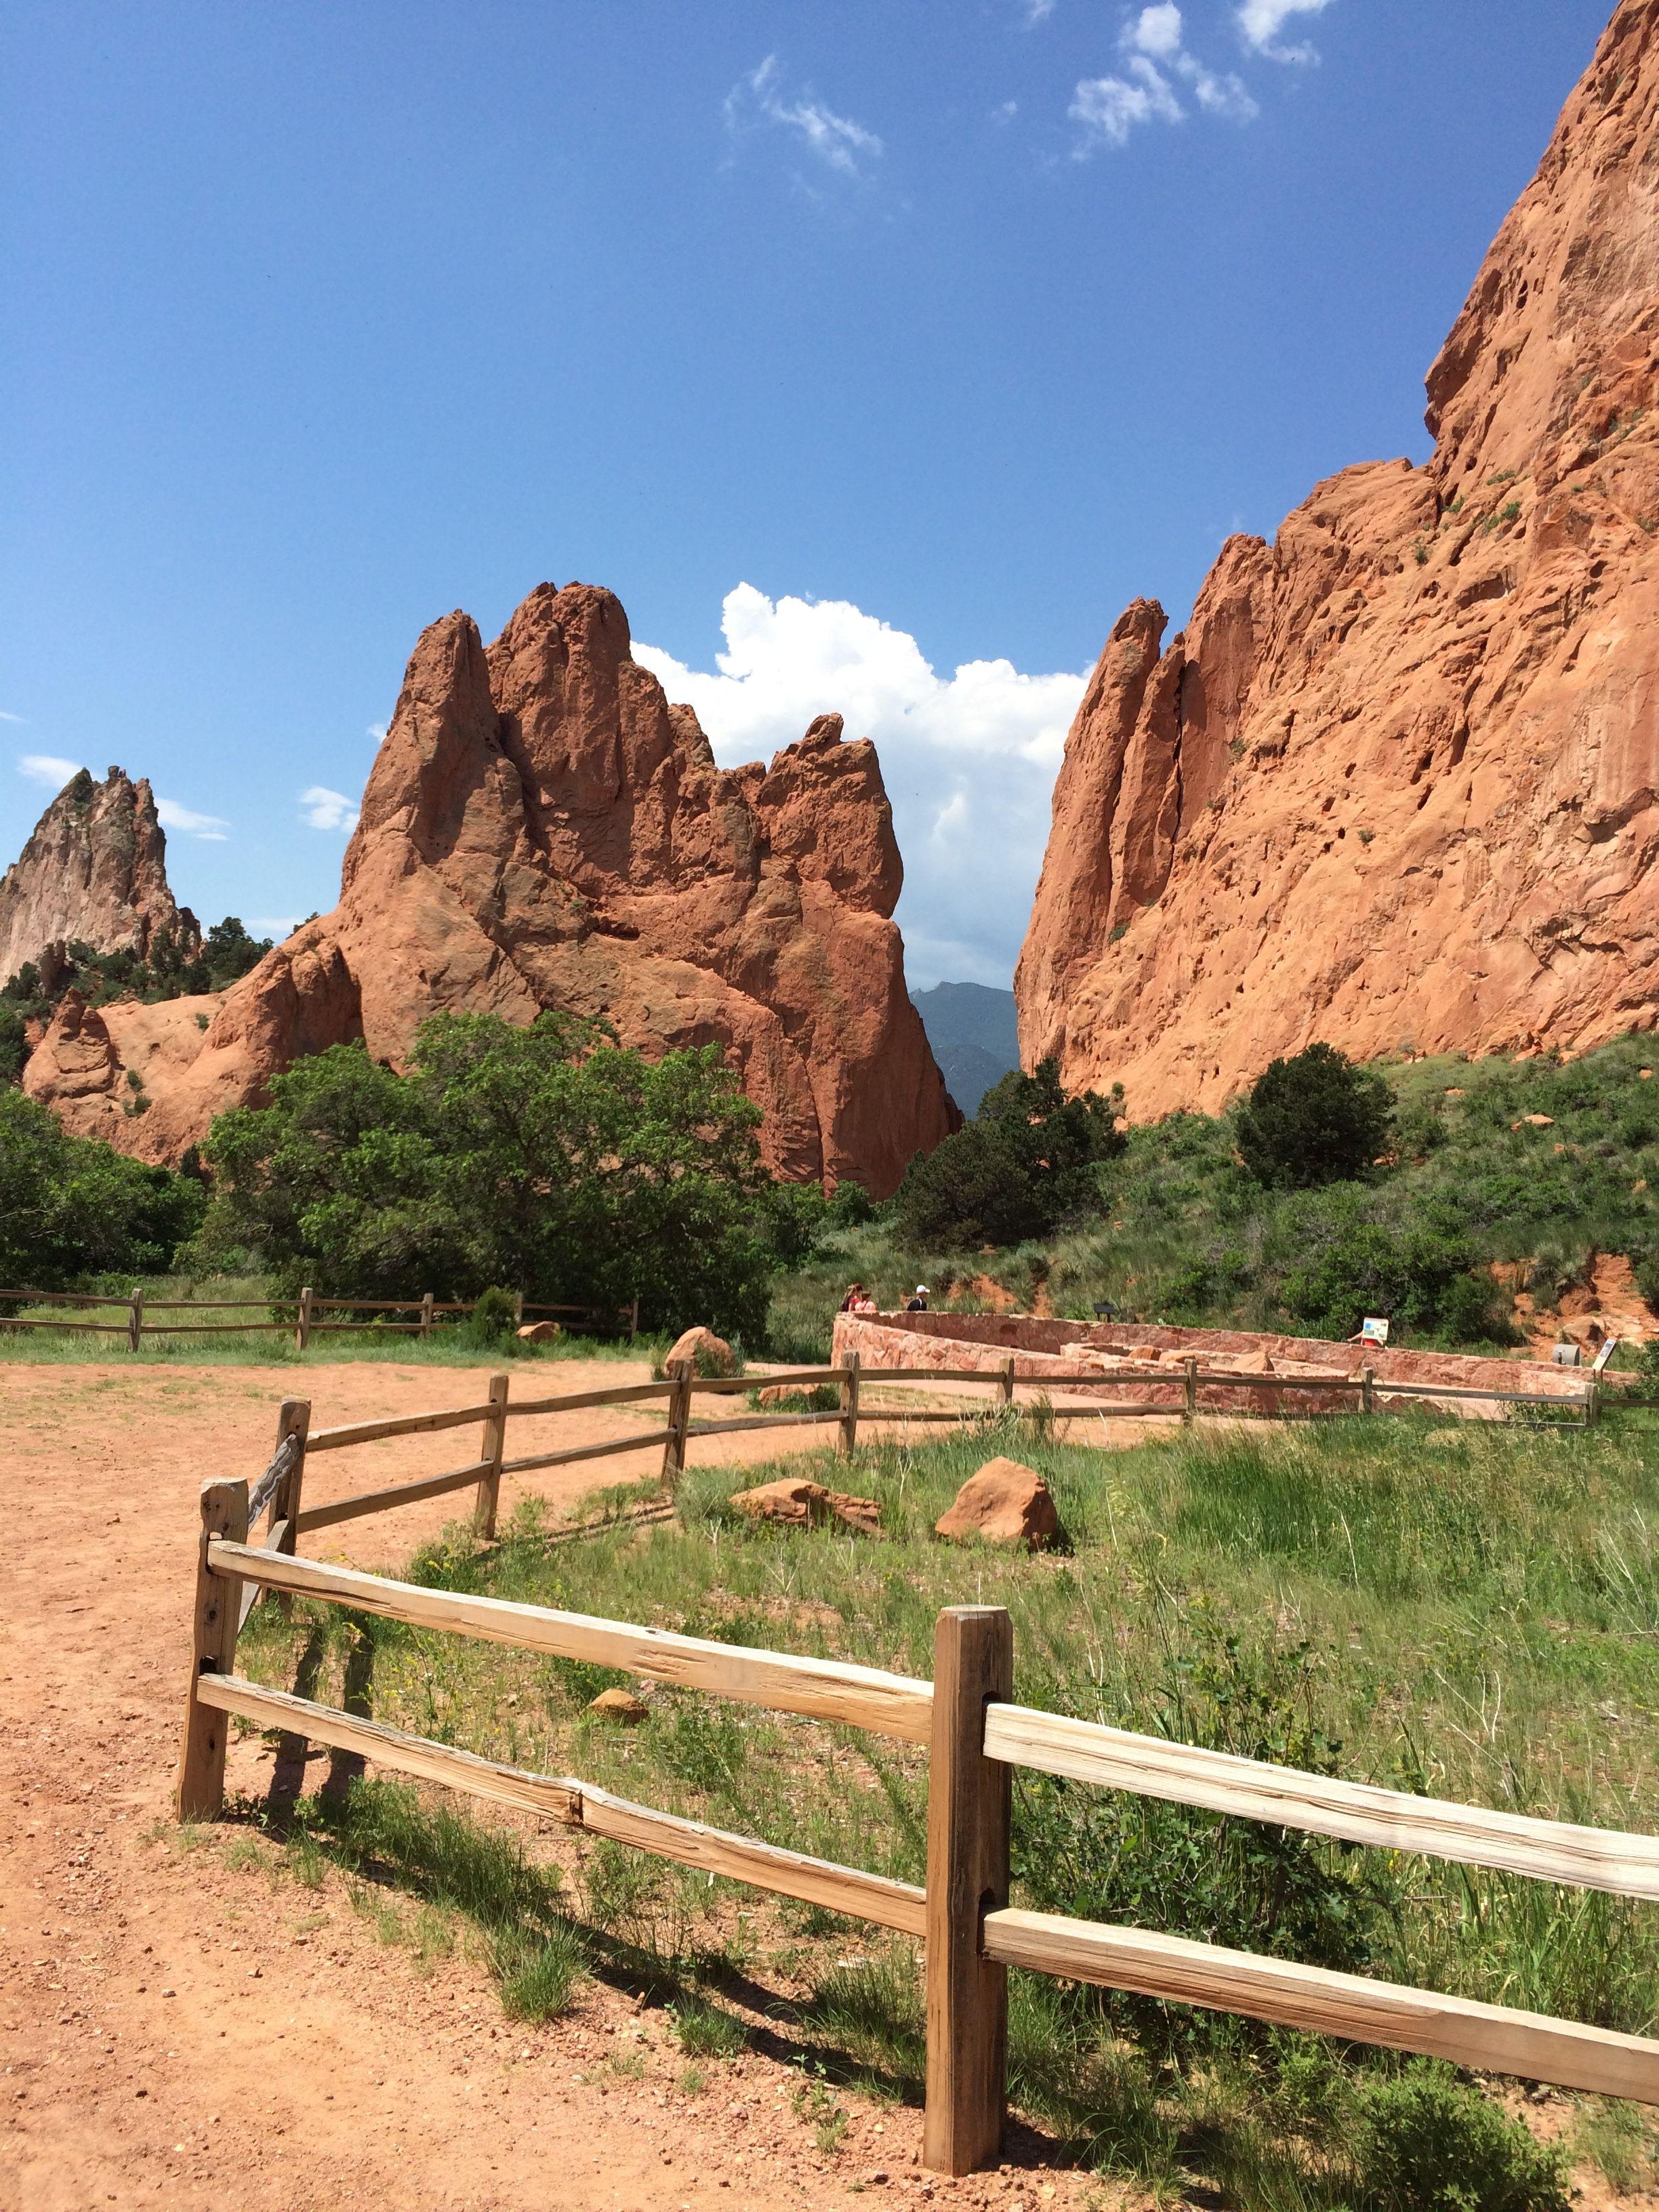 Hiking! Garden of the Gods. Colorado Springs, CO